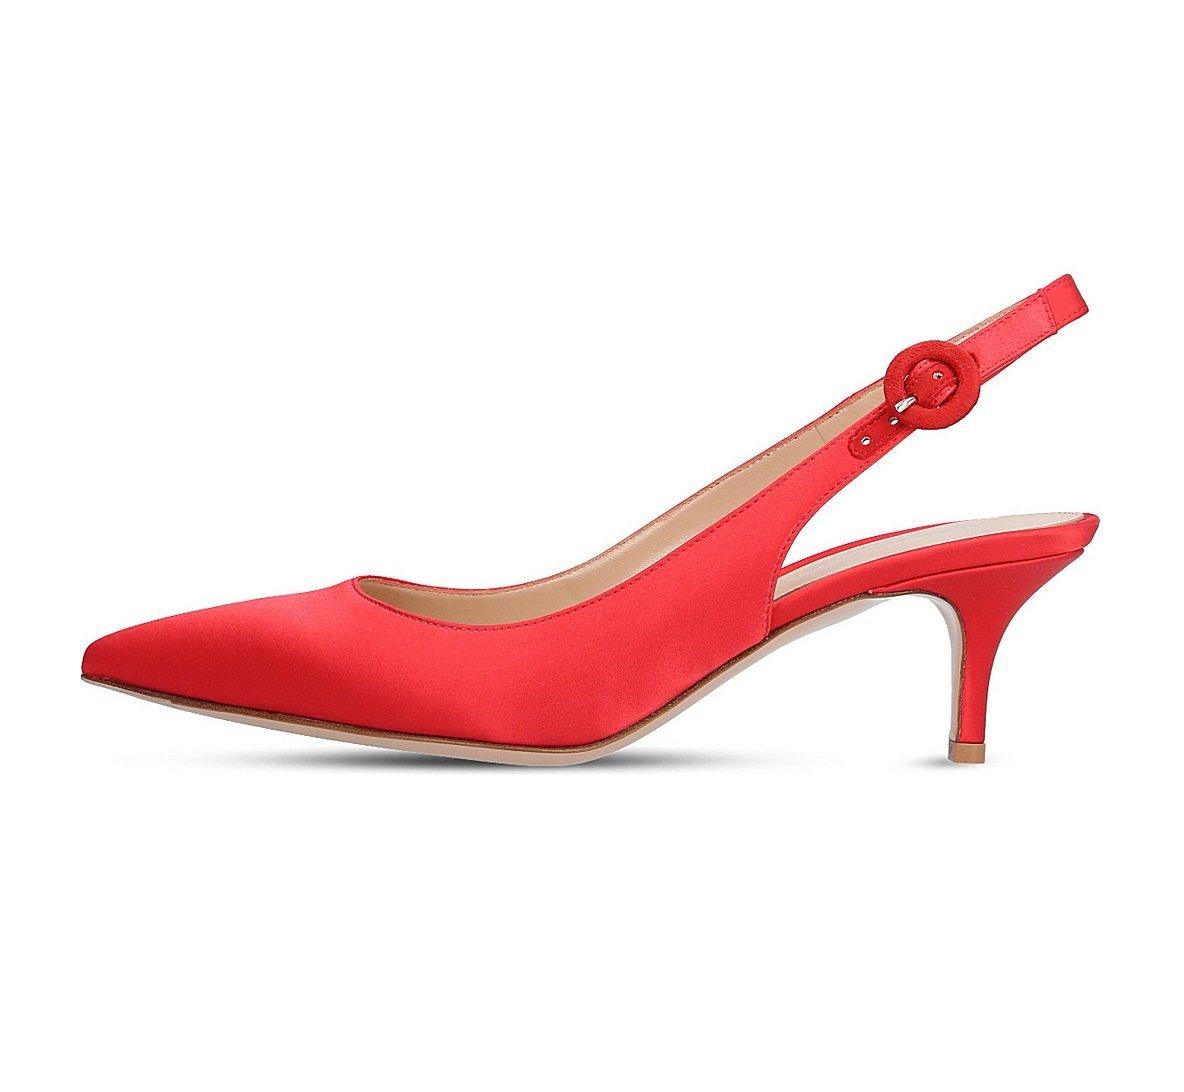 EDEFS Damen Kitten-Heel Slingback Pumps Spitze 6.5cm Mittlerer Absatz Pointed Toe Schuhe  44 EU|Rot Satin